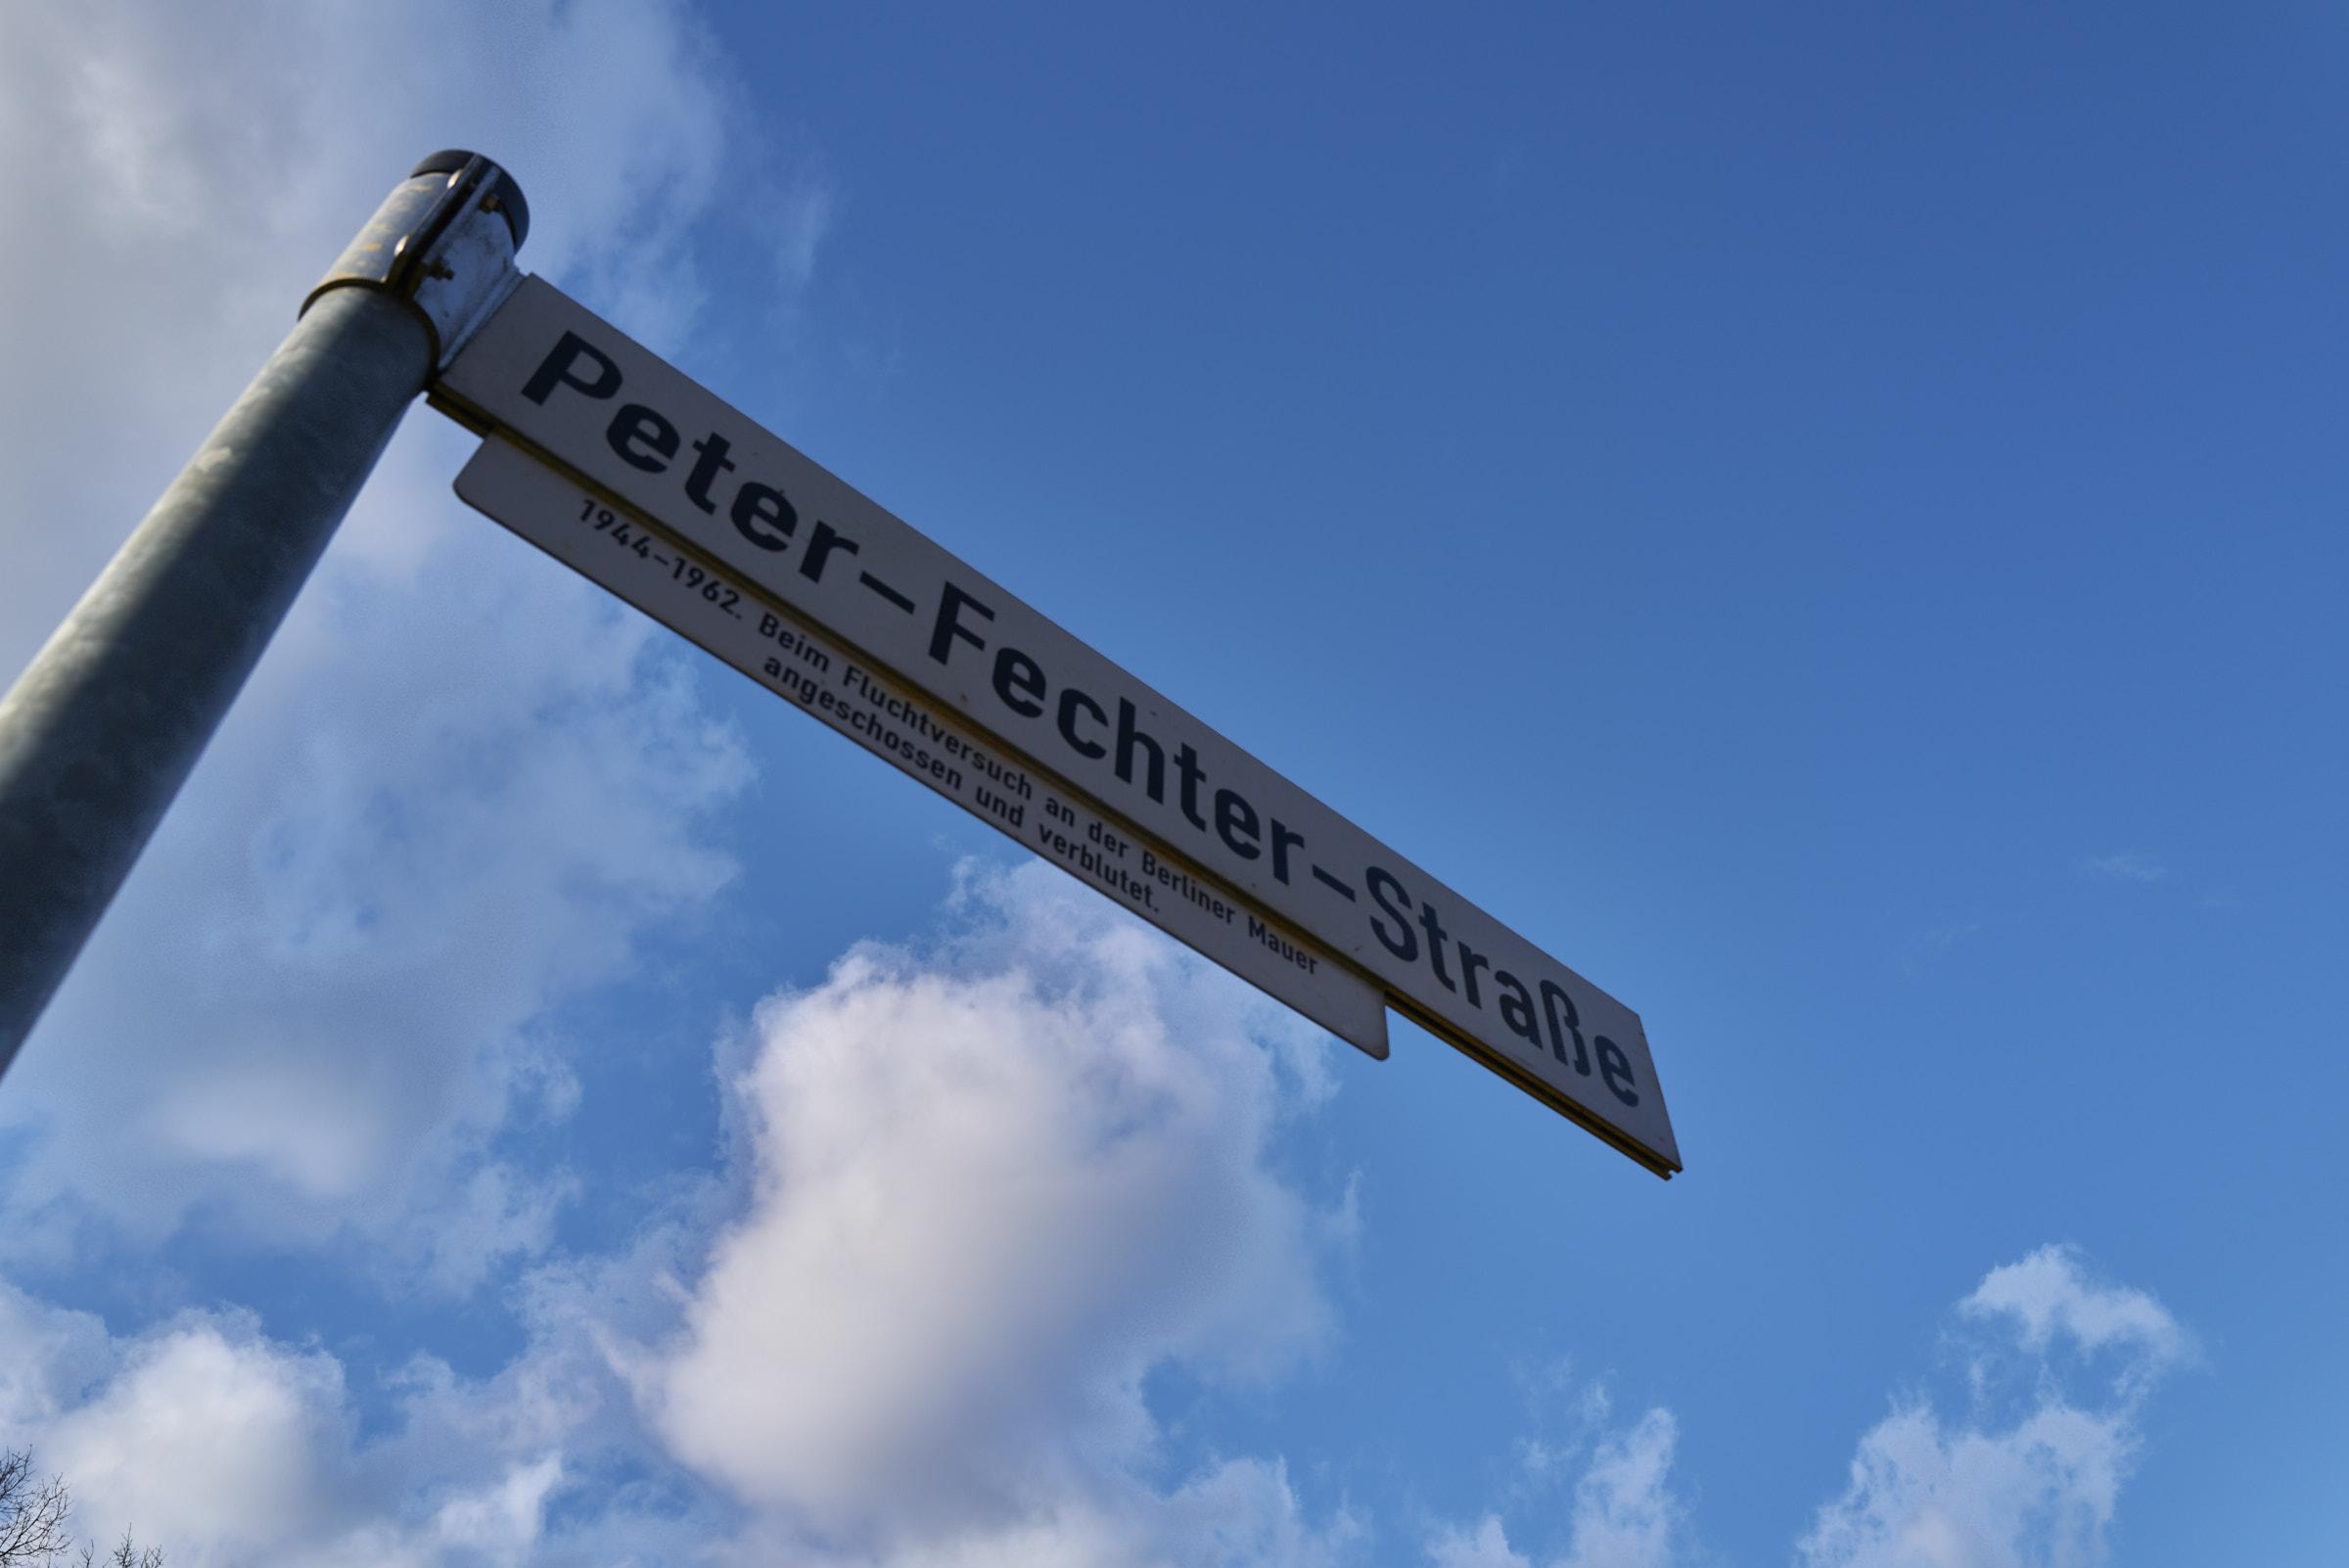 Peter-Fechter-Str_2